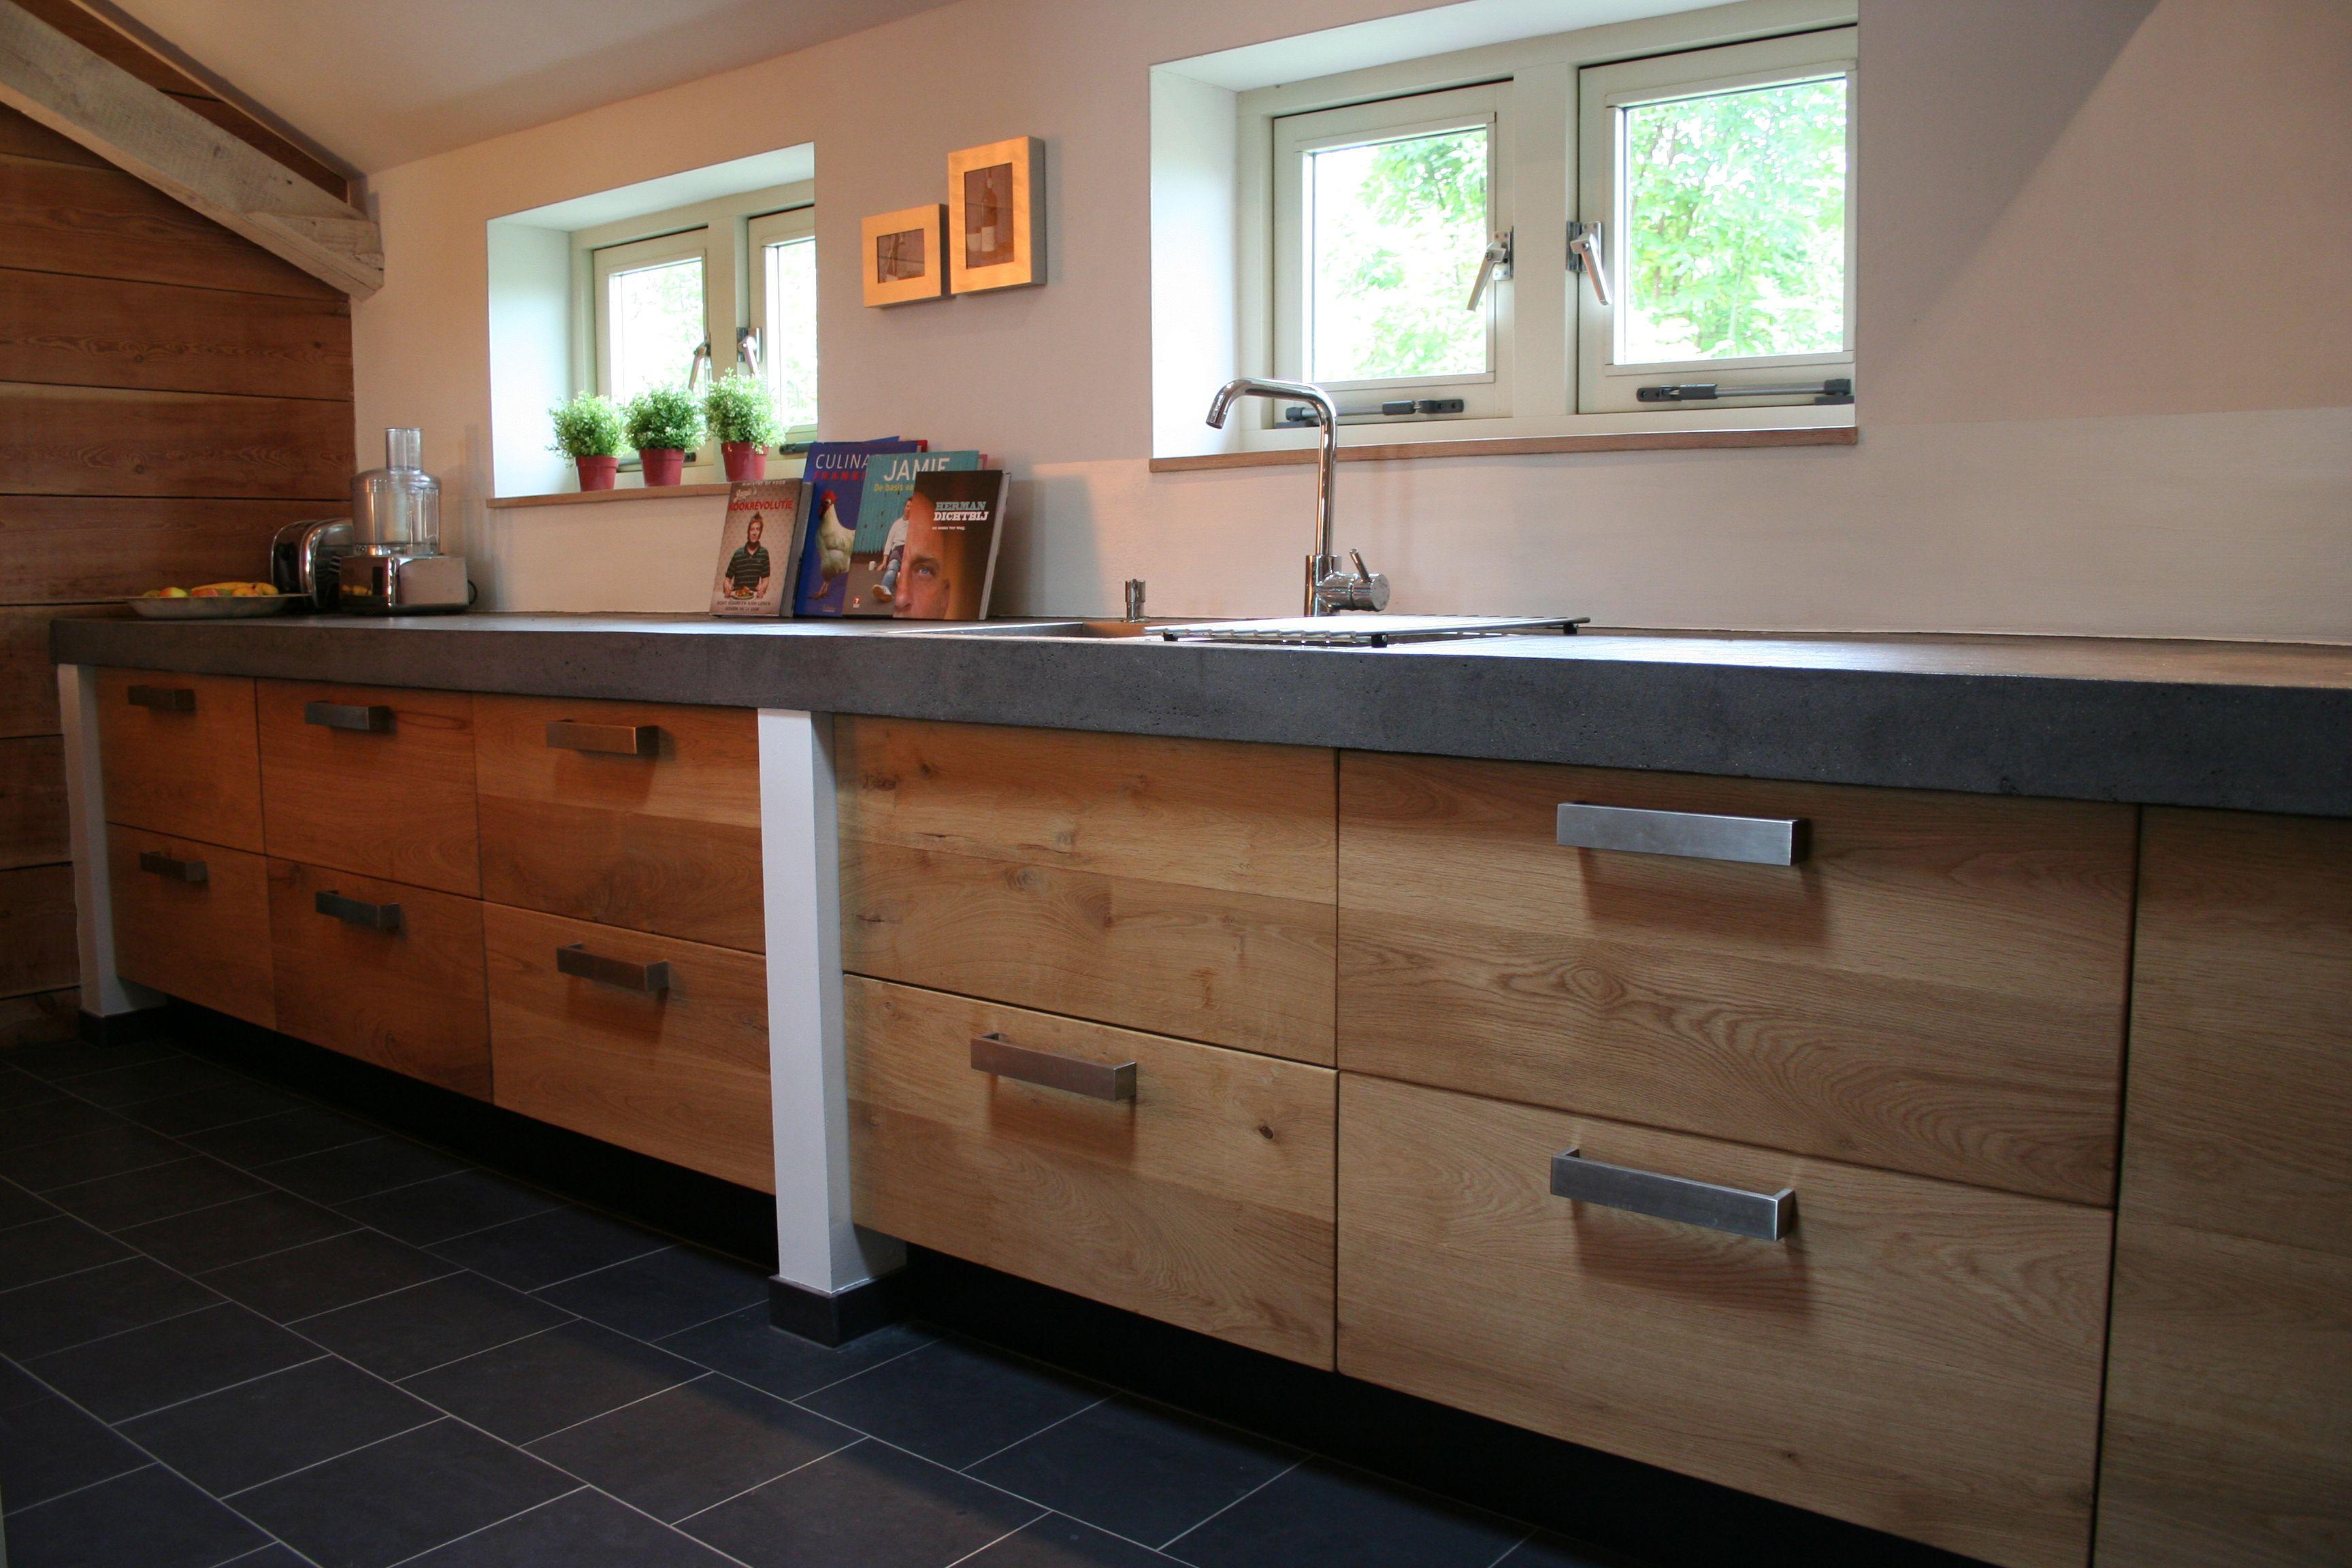 Steigerhouten Keuken Ikea : Eiken keukendeuren voor ikea kasten koak design eiken deuren en